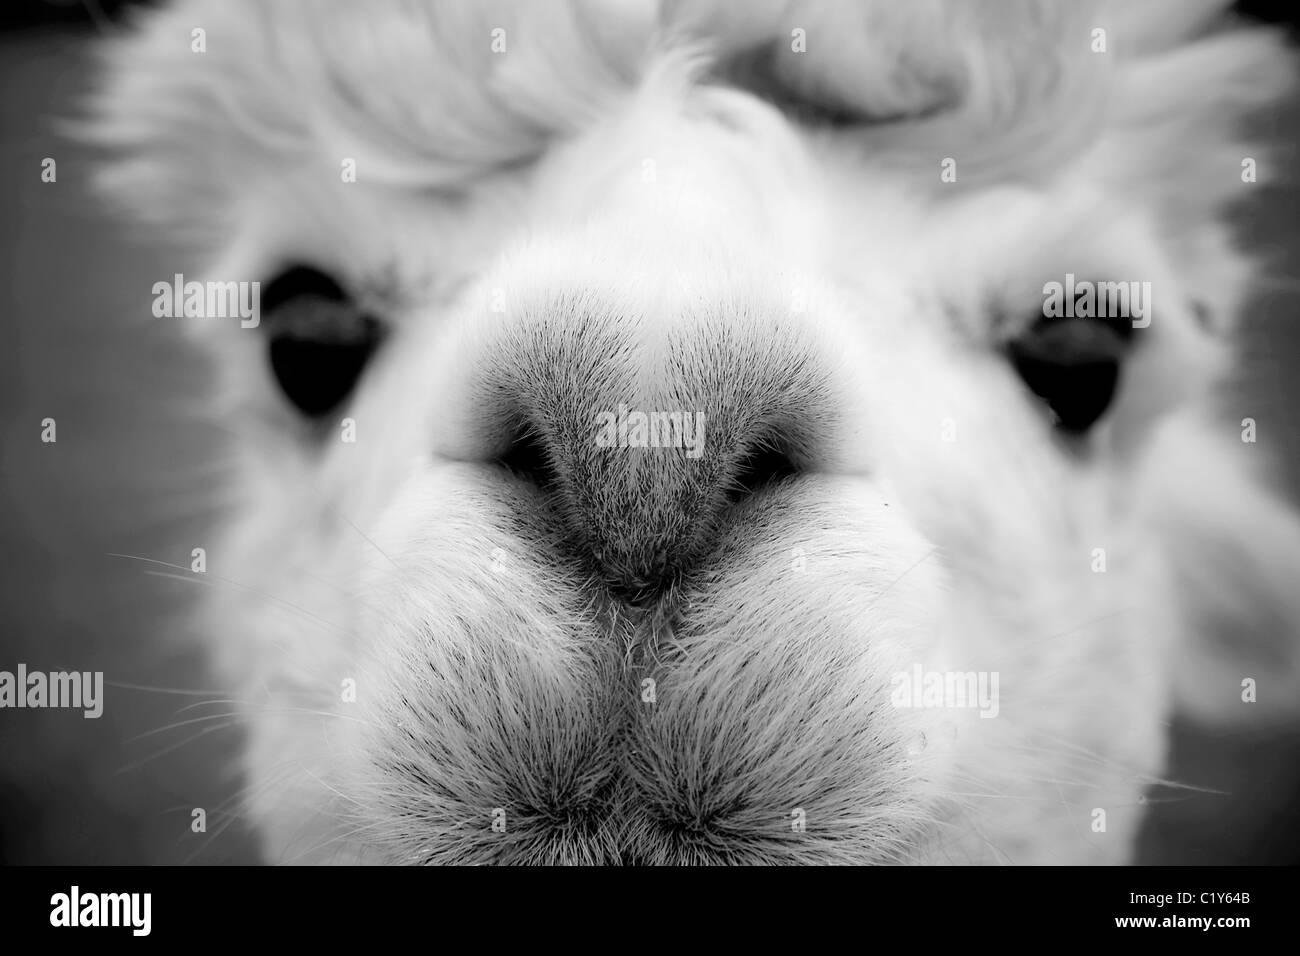 Close up di un alpaca guardando la fotocamera.immagine in bianco e nero Immagini Stock